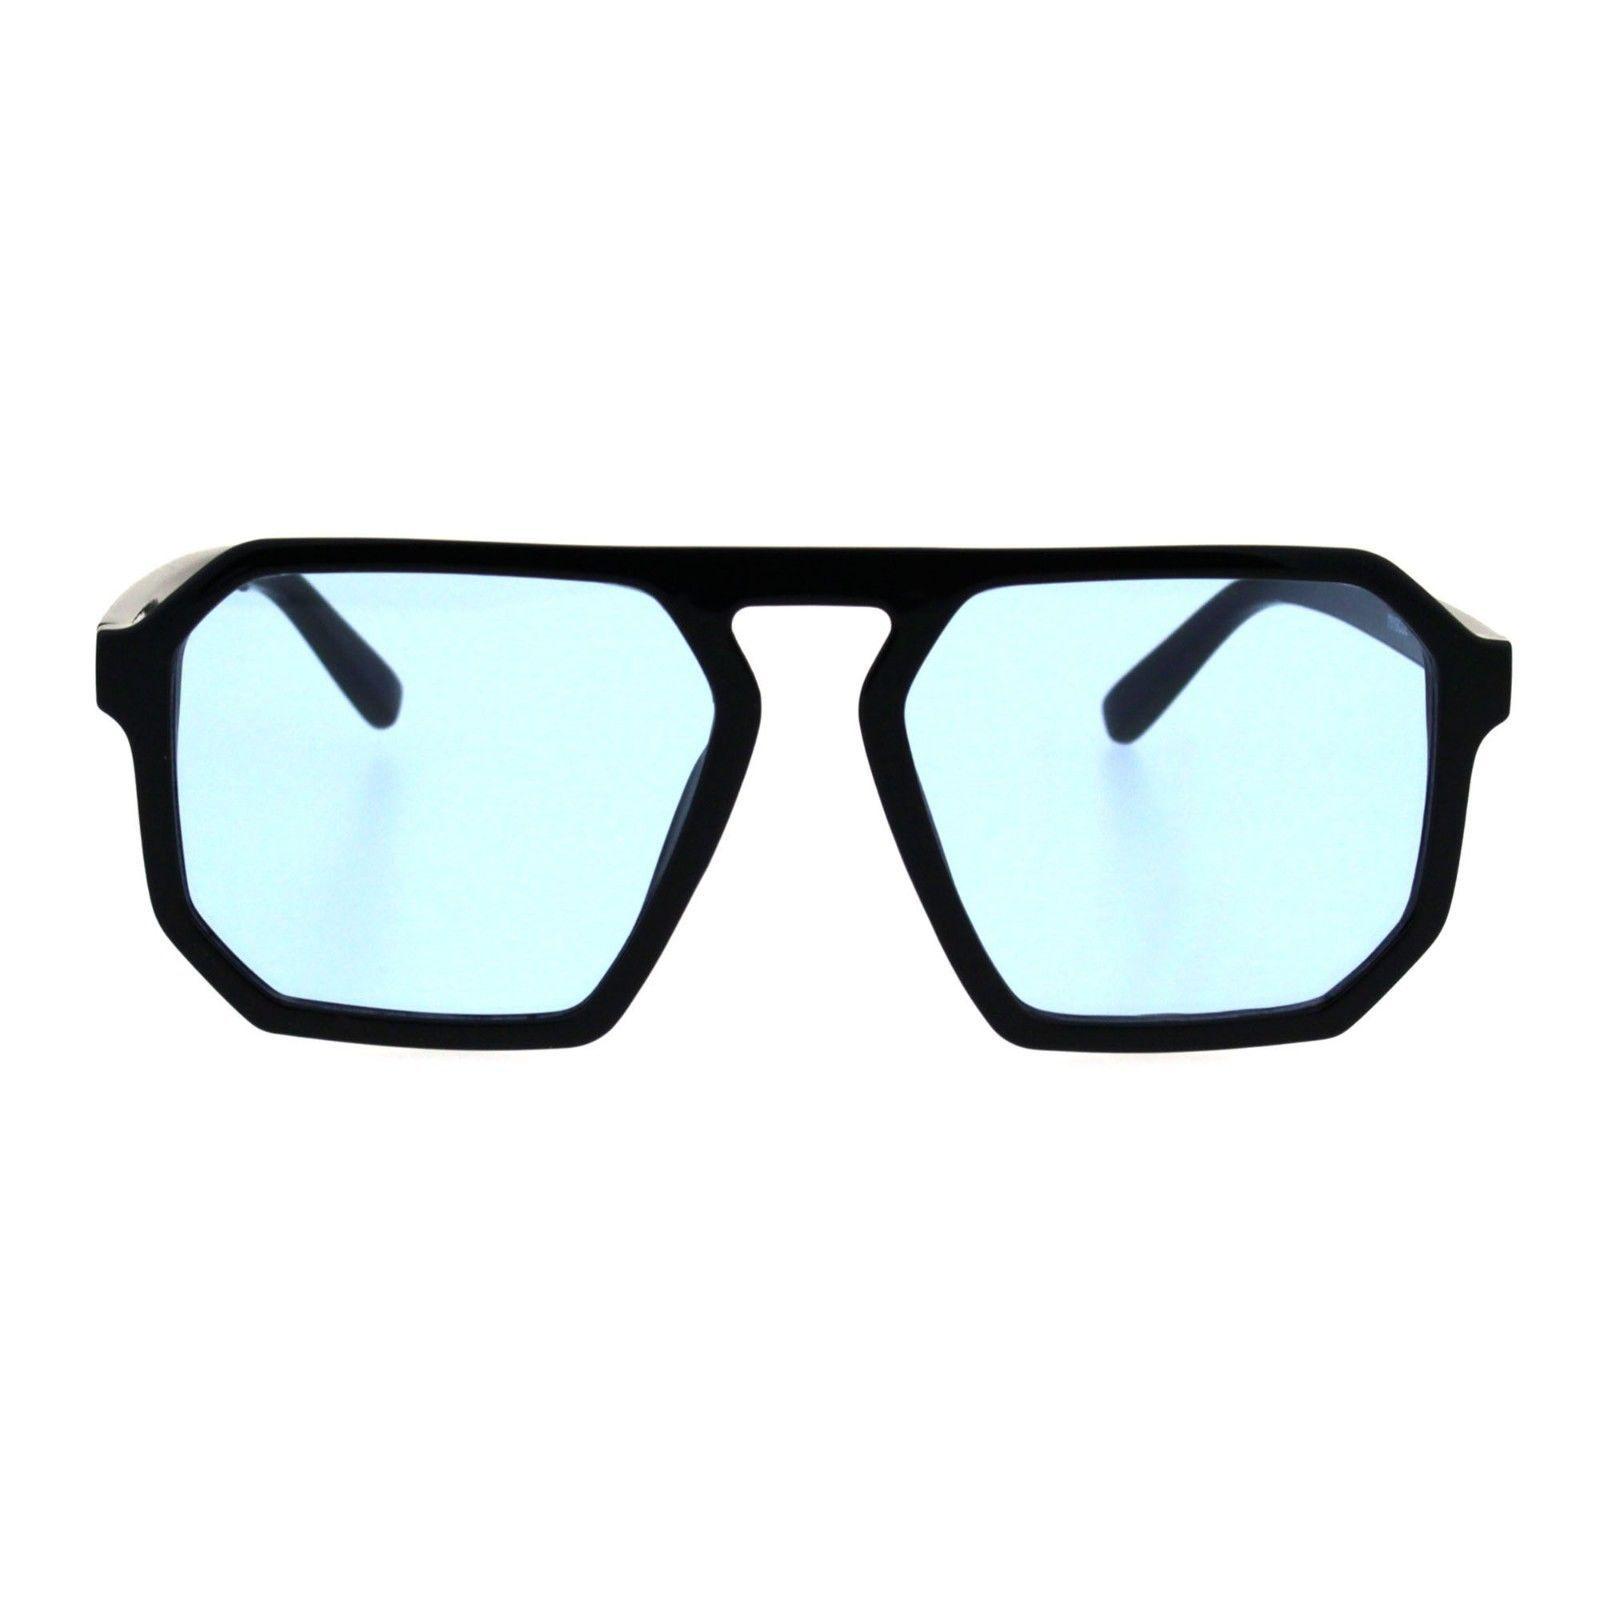 Black Square Heptagon Shape Sunglasses Retro Futuristic Shades UV400 Color Lens